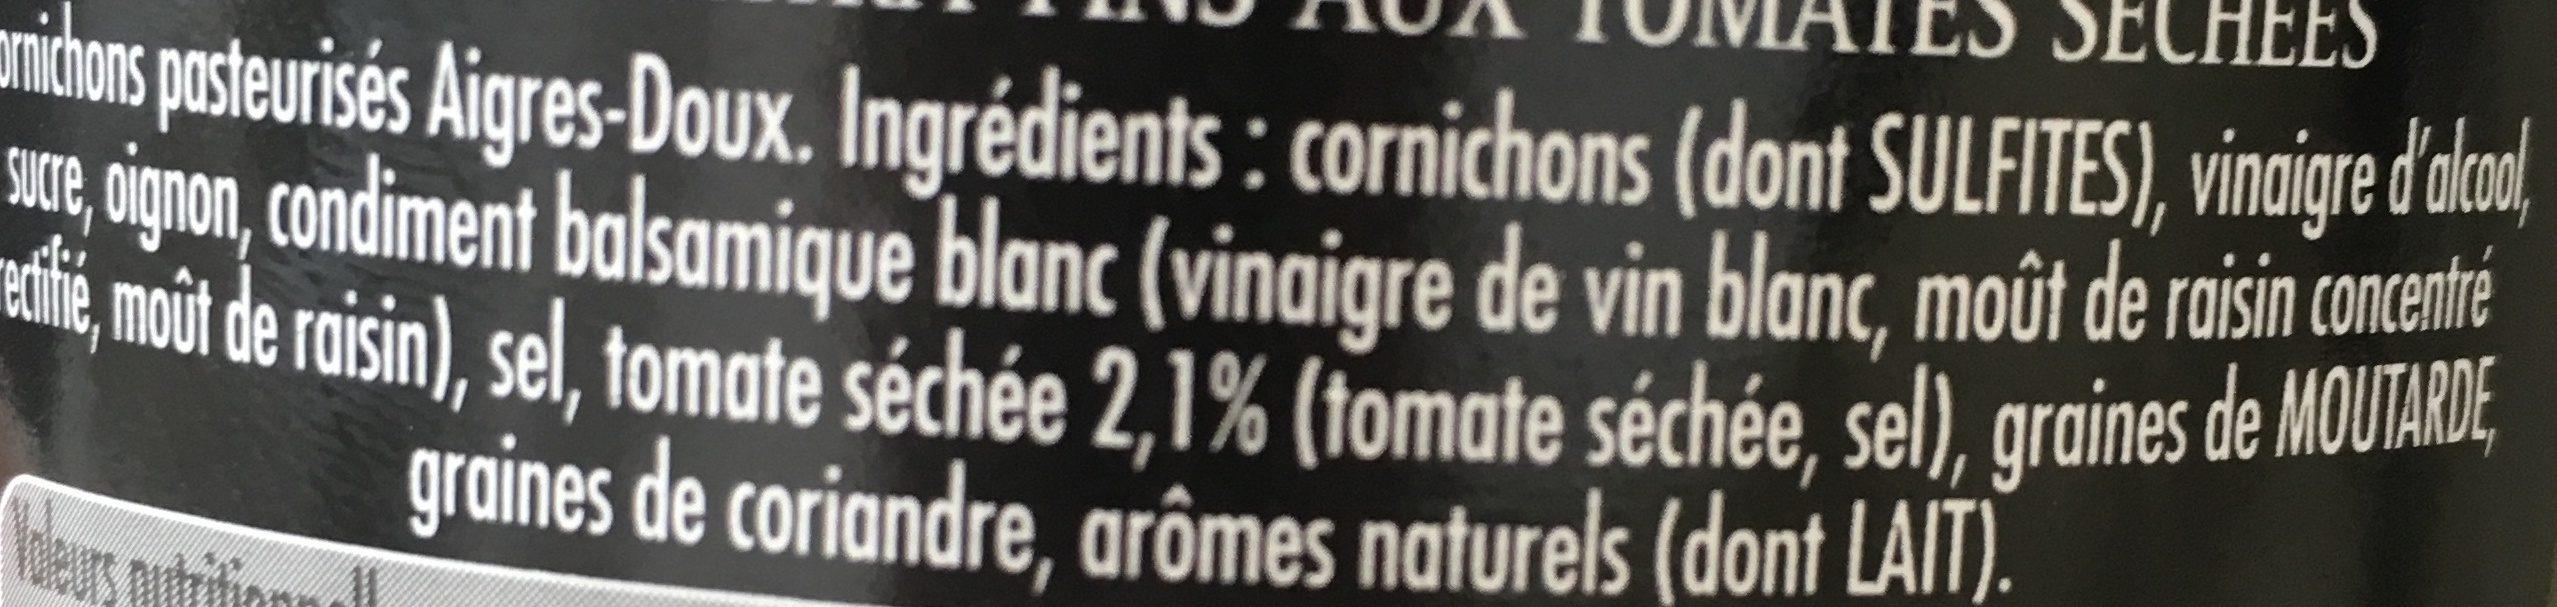 Cornichons aux Tomates Séchées - Ingrédients